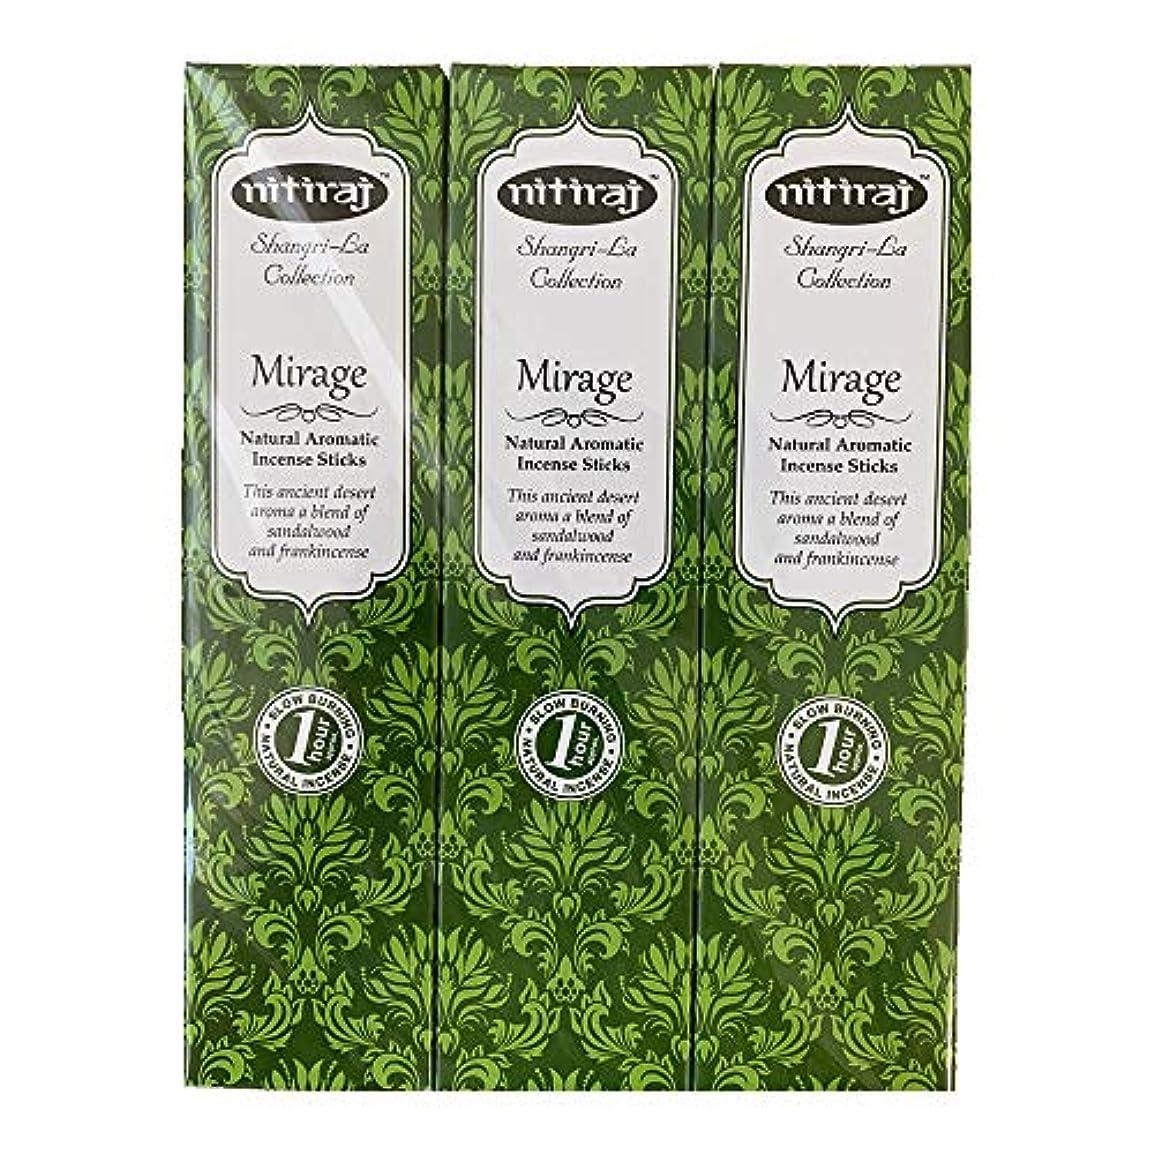 お香 アロマインセンス Nitiraj(ニティラジ)Mirage(蜃気楼) 3箱セット(30本/1箱10本入り)100%天然素材